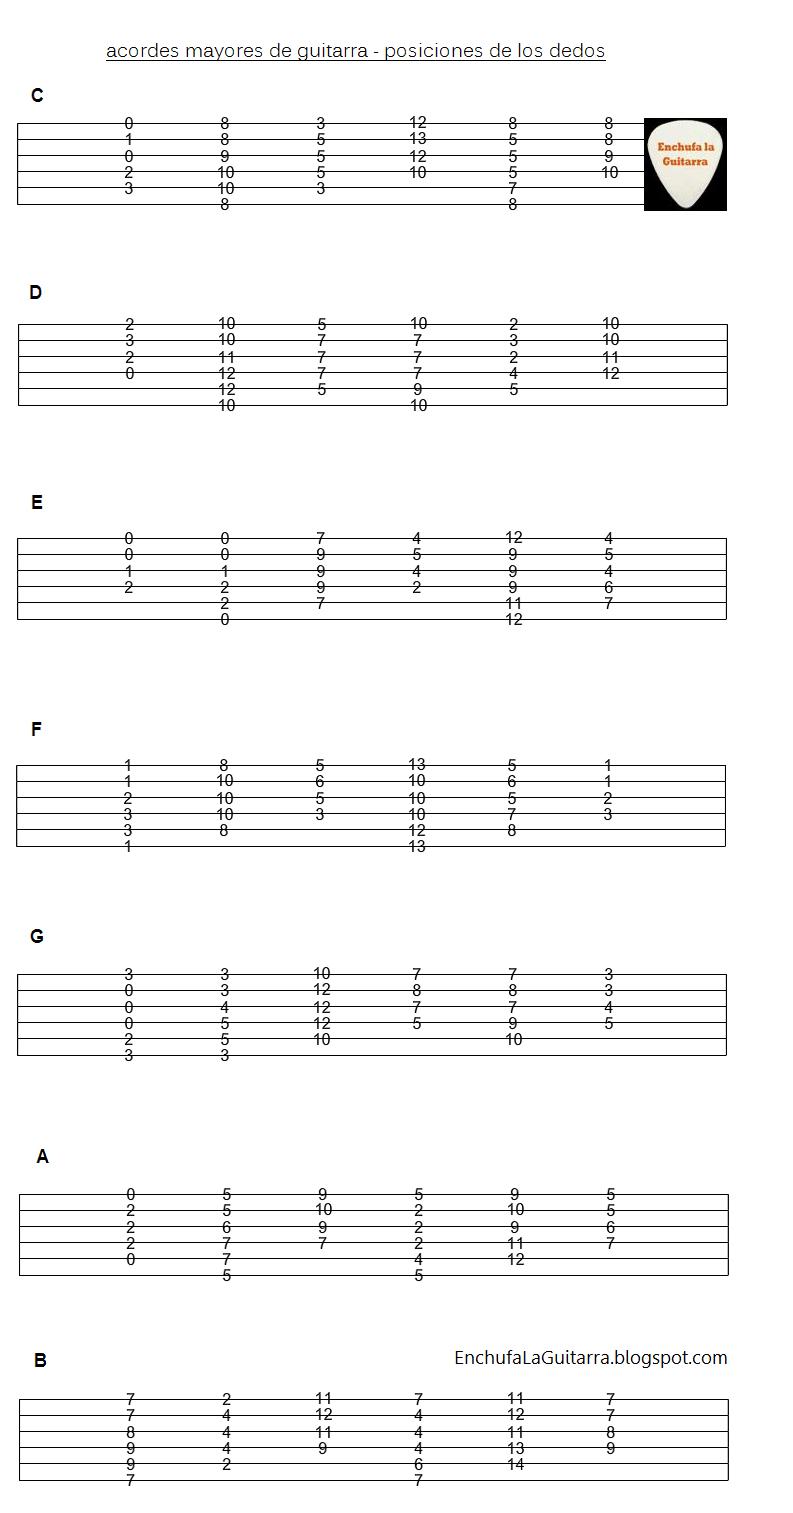 acordes mayores guitarra posiciones trastes dedos